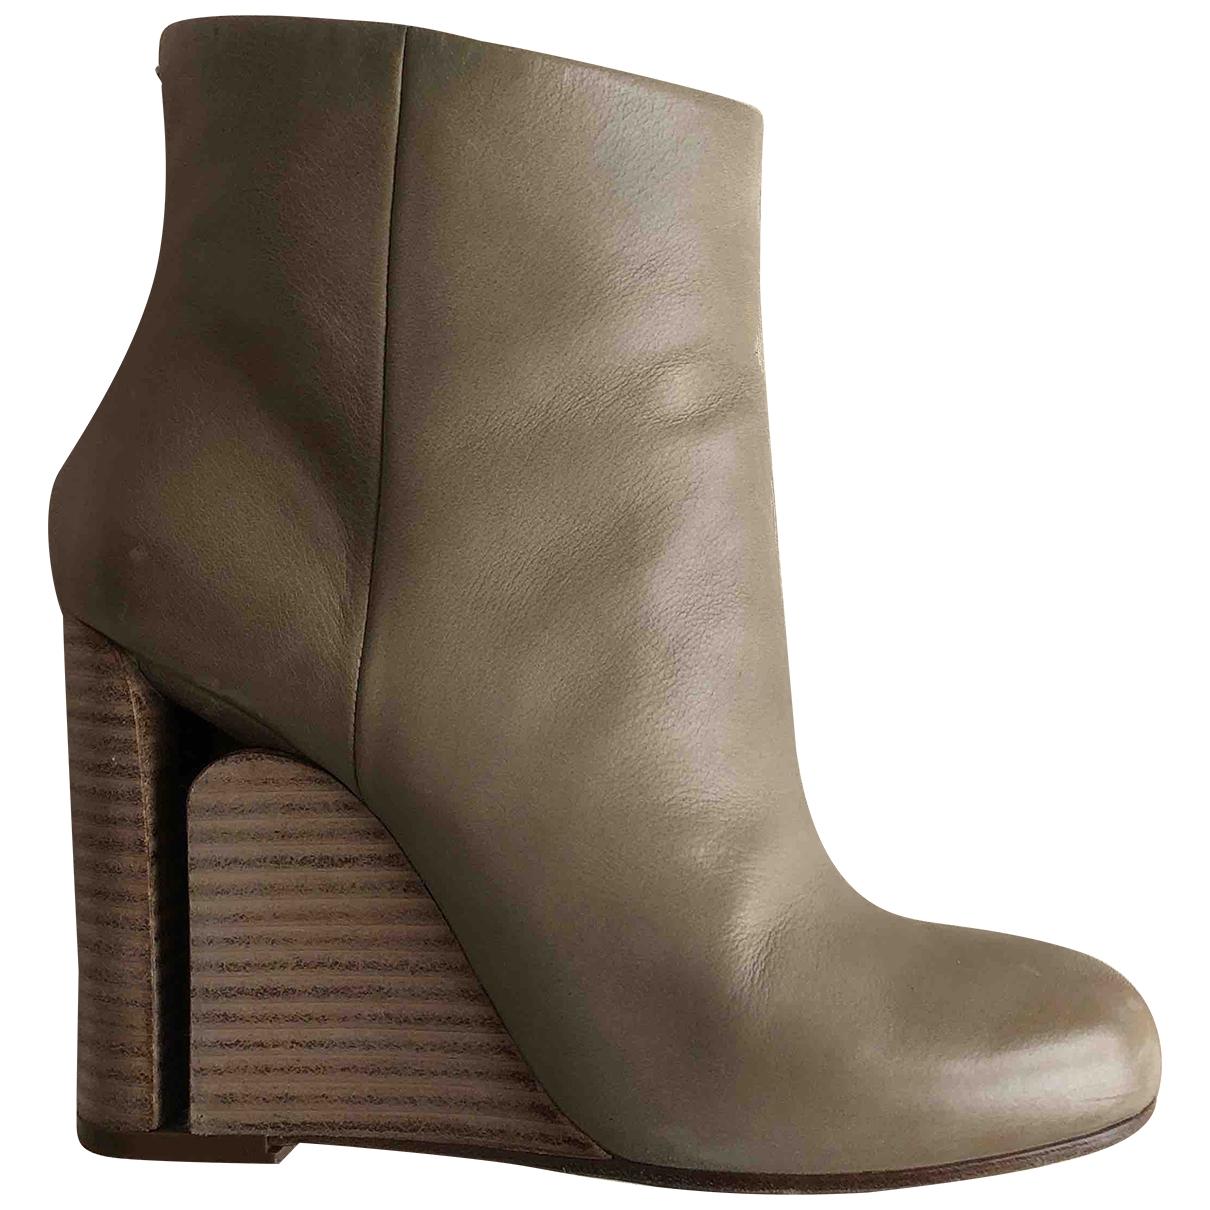 Maison Martin Margiela - Boots   pour femme en cuir - beige